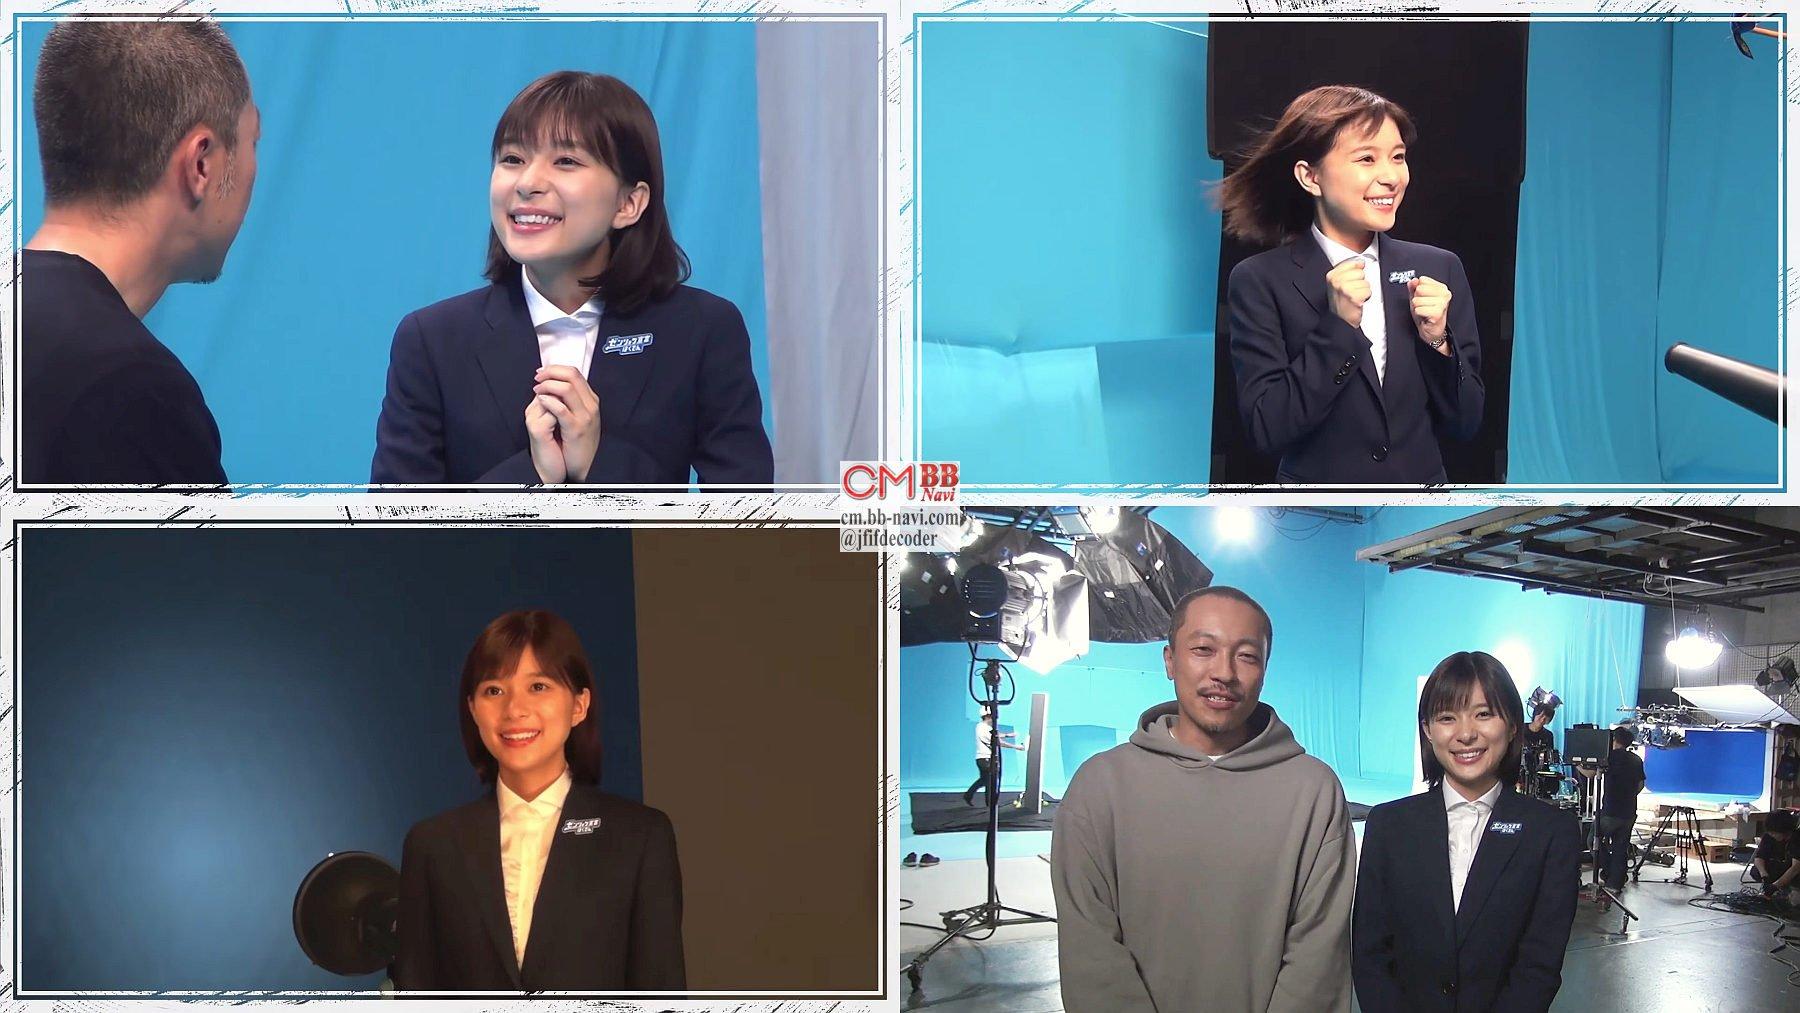 芳根京子,音尾琢真 北海道電力 CM メイキング ゼンリョク宣言 1